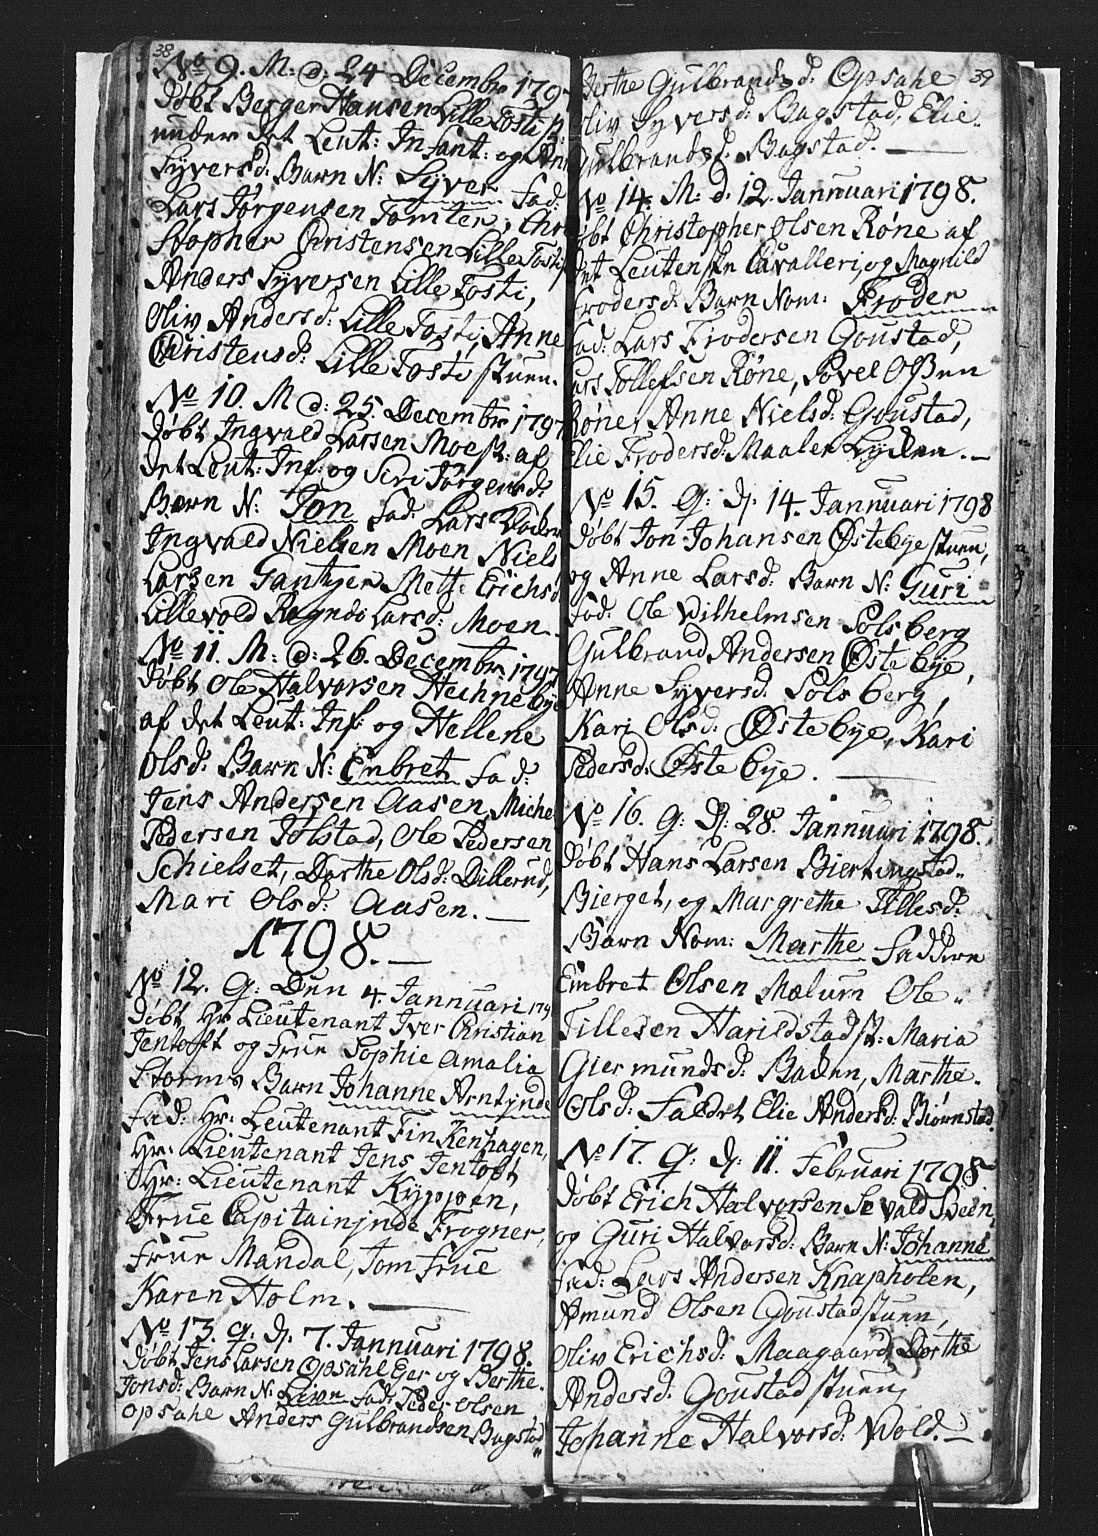 SAH, Romedal prestekontor, L/L0002: Klokkerbok nr. 2, 1795-1800, s. 38-39